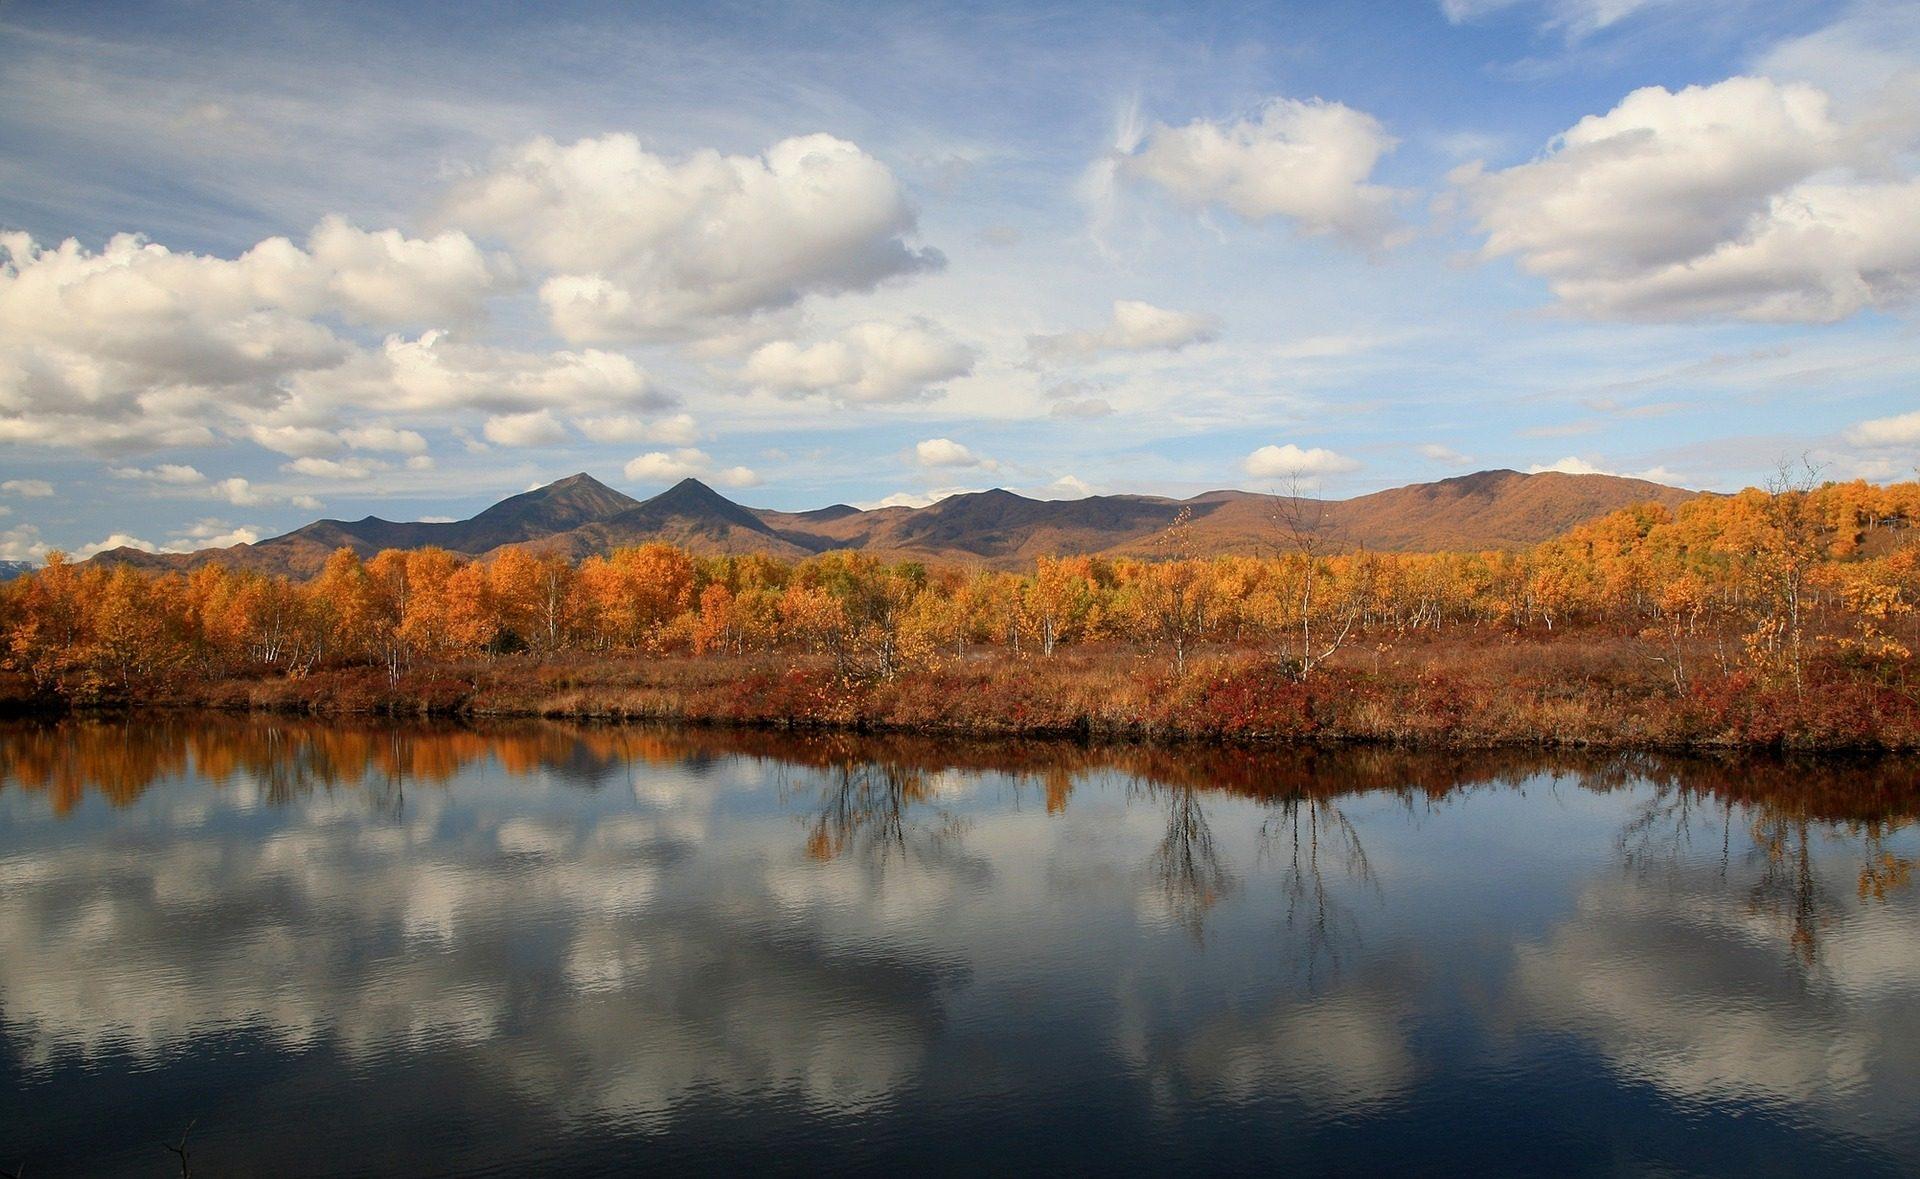 Βουνό, δέντρα, αντανάκλαση, Ουρανός, σύννεφα, φθινόπωρο - Wallpapers HD - Professor-falken.com